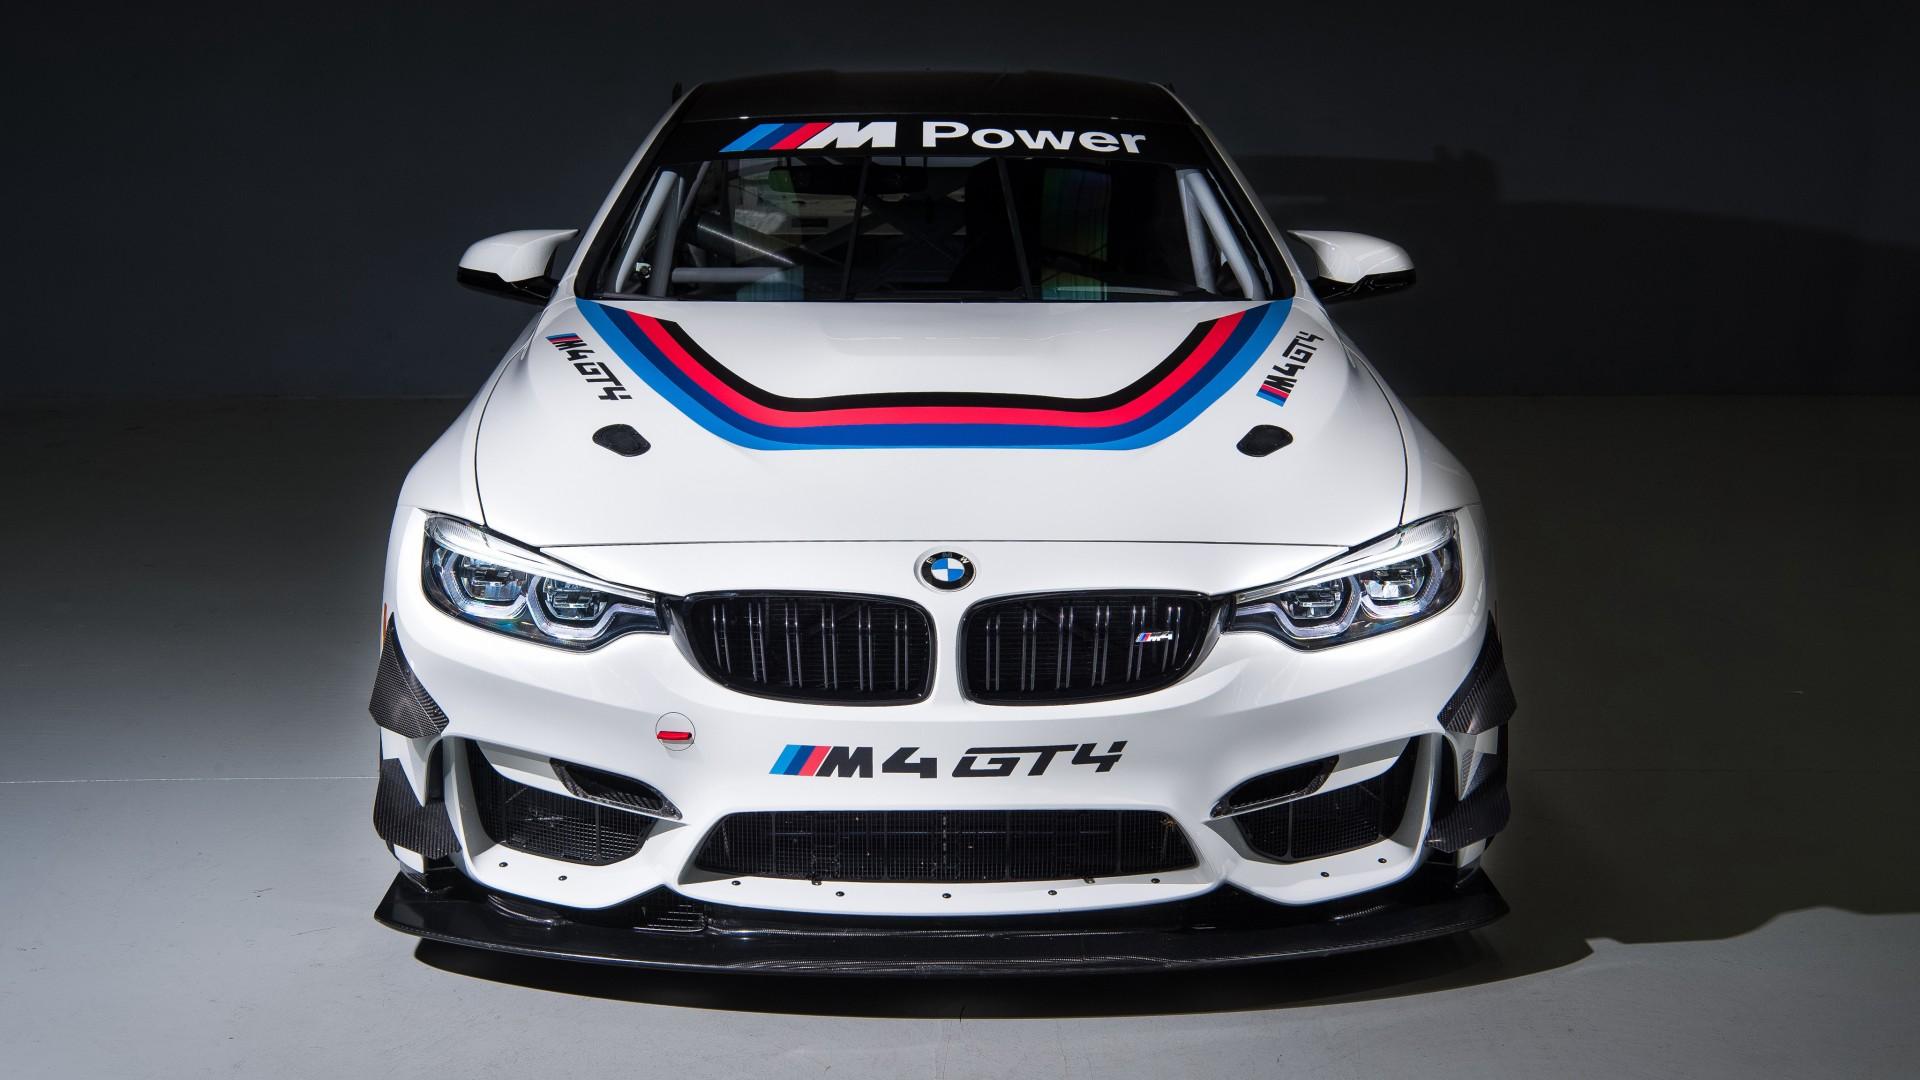 2018 BMW M4 GT4 4K Wallpaper | HD Car Wallpapers | ID #9307